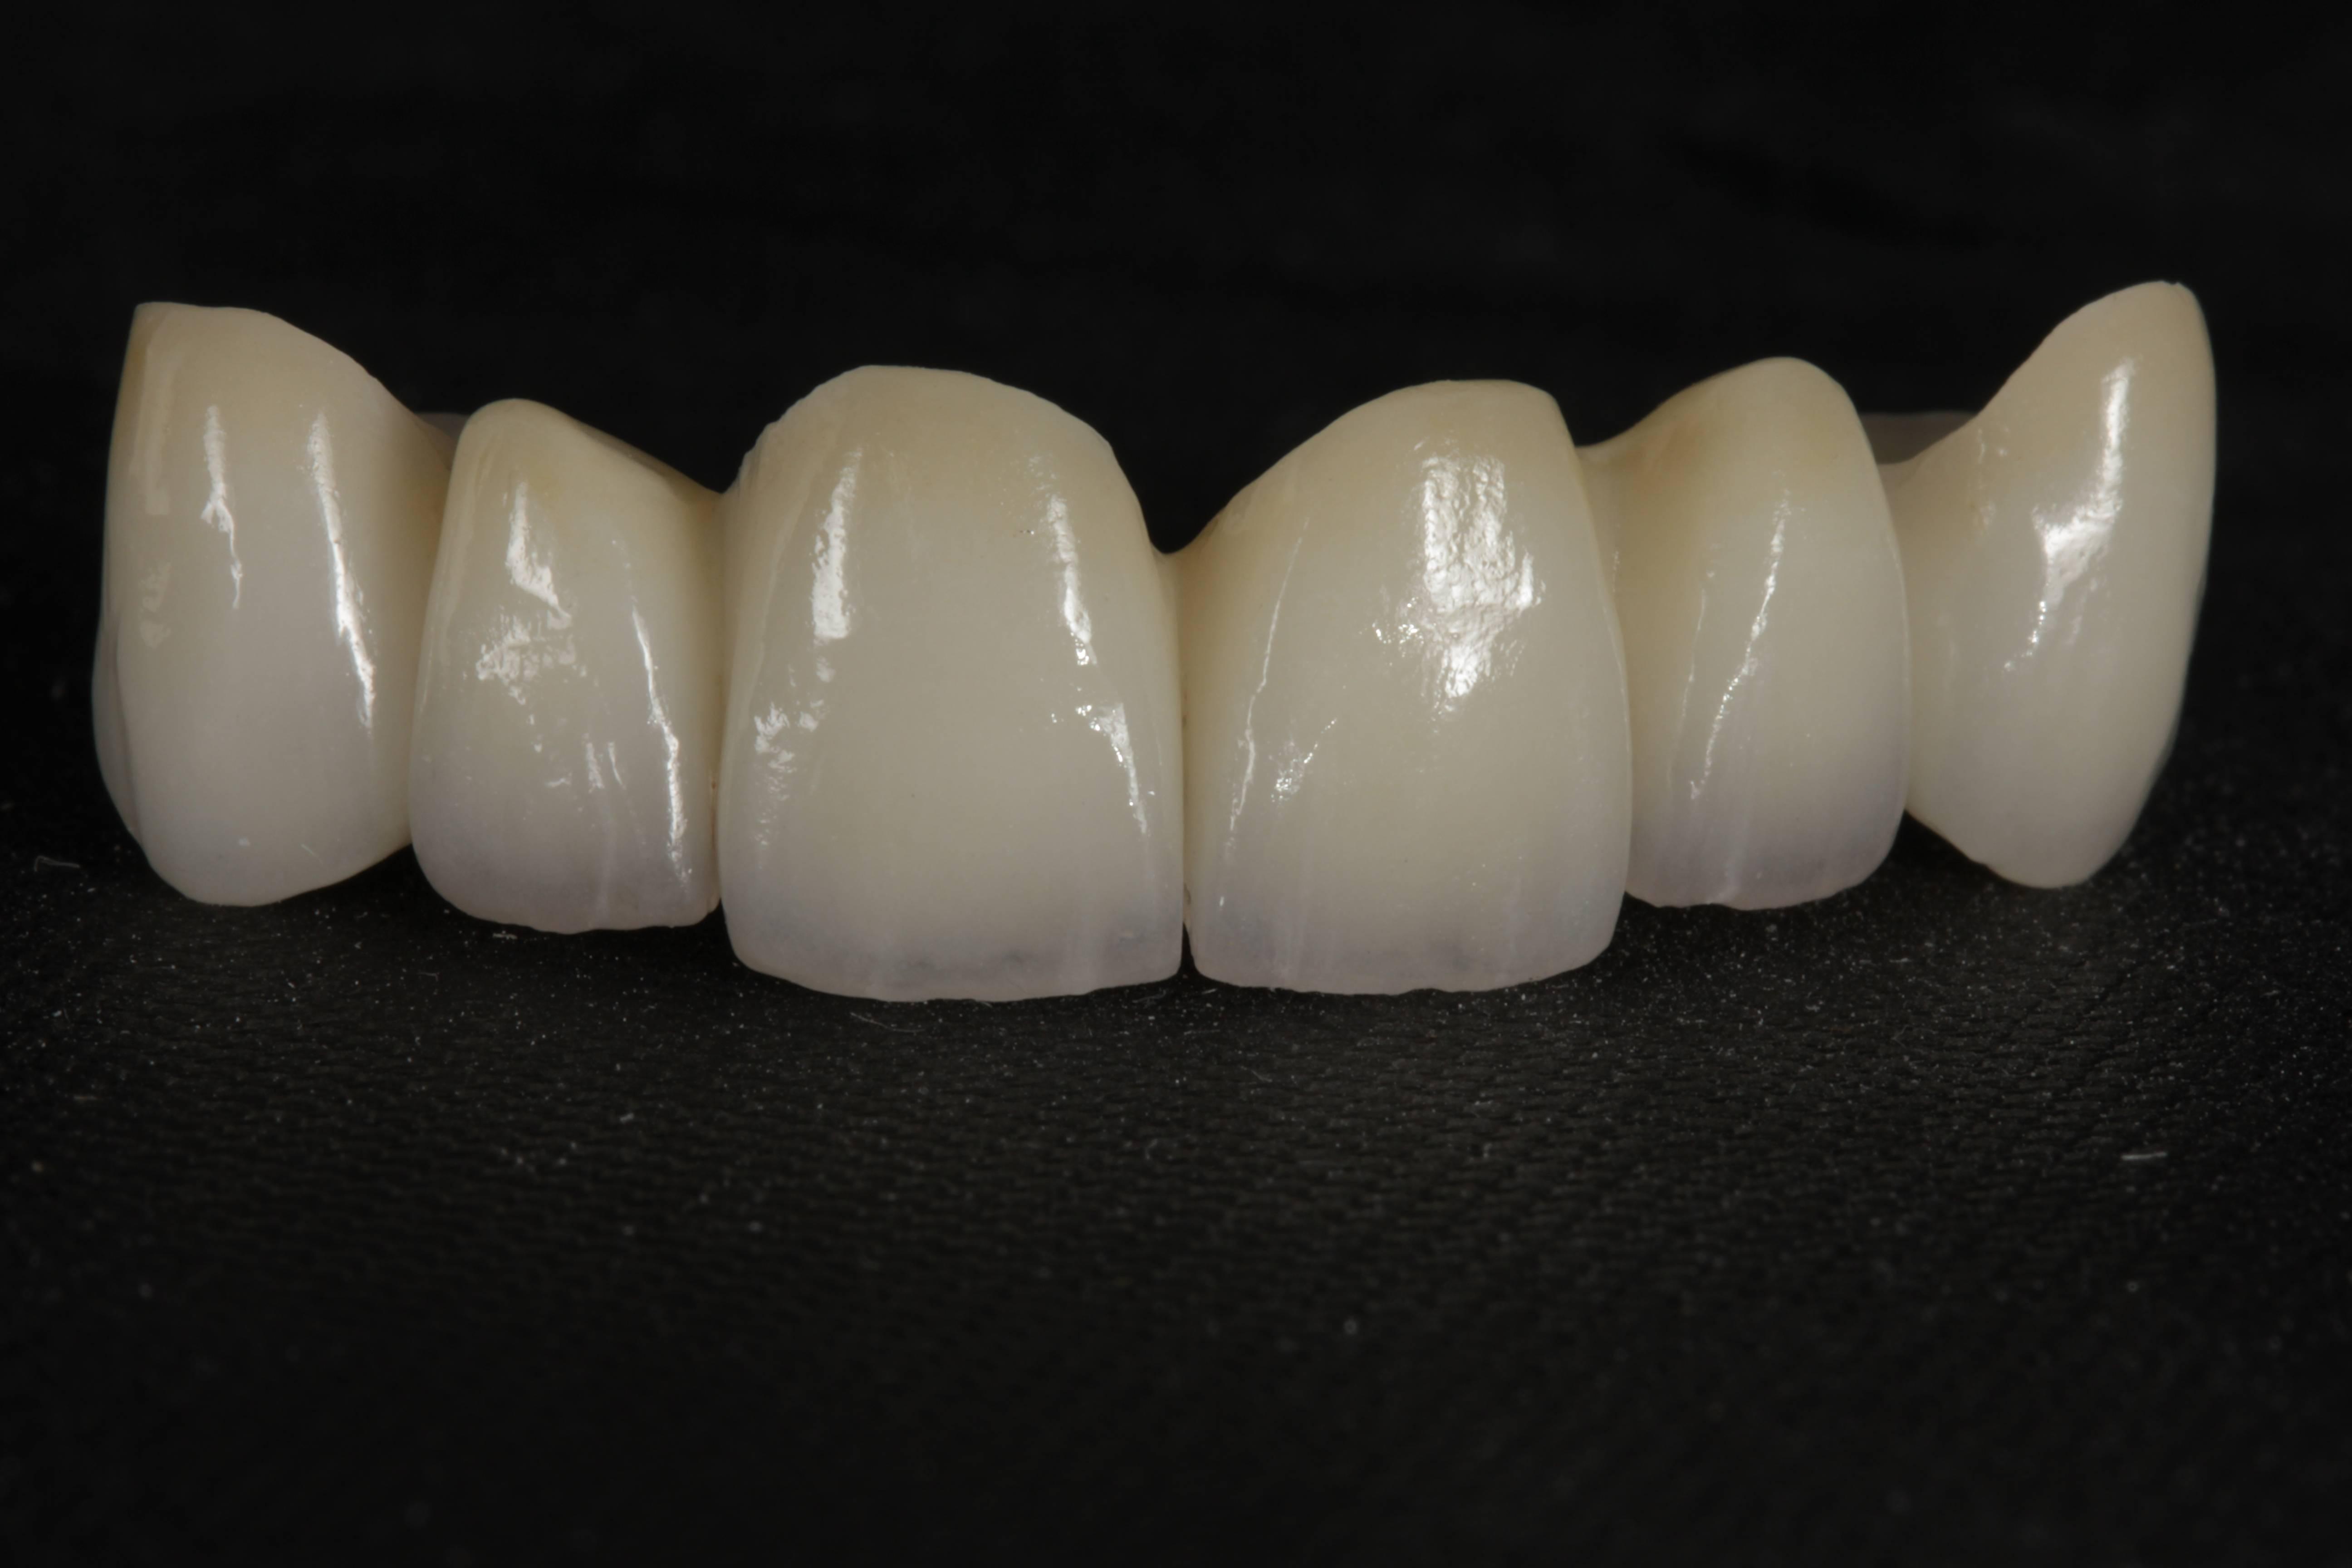 Коронки на передние зубы: какие лучше